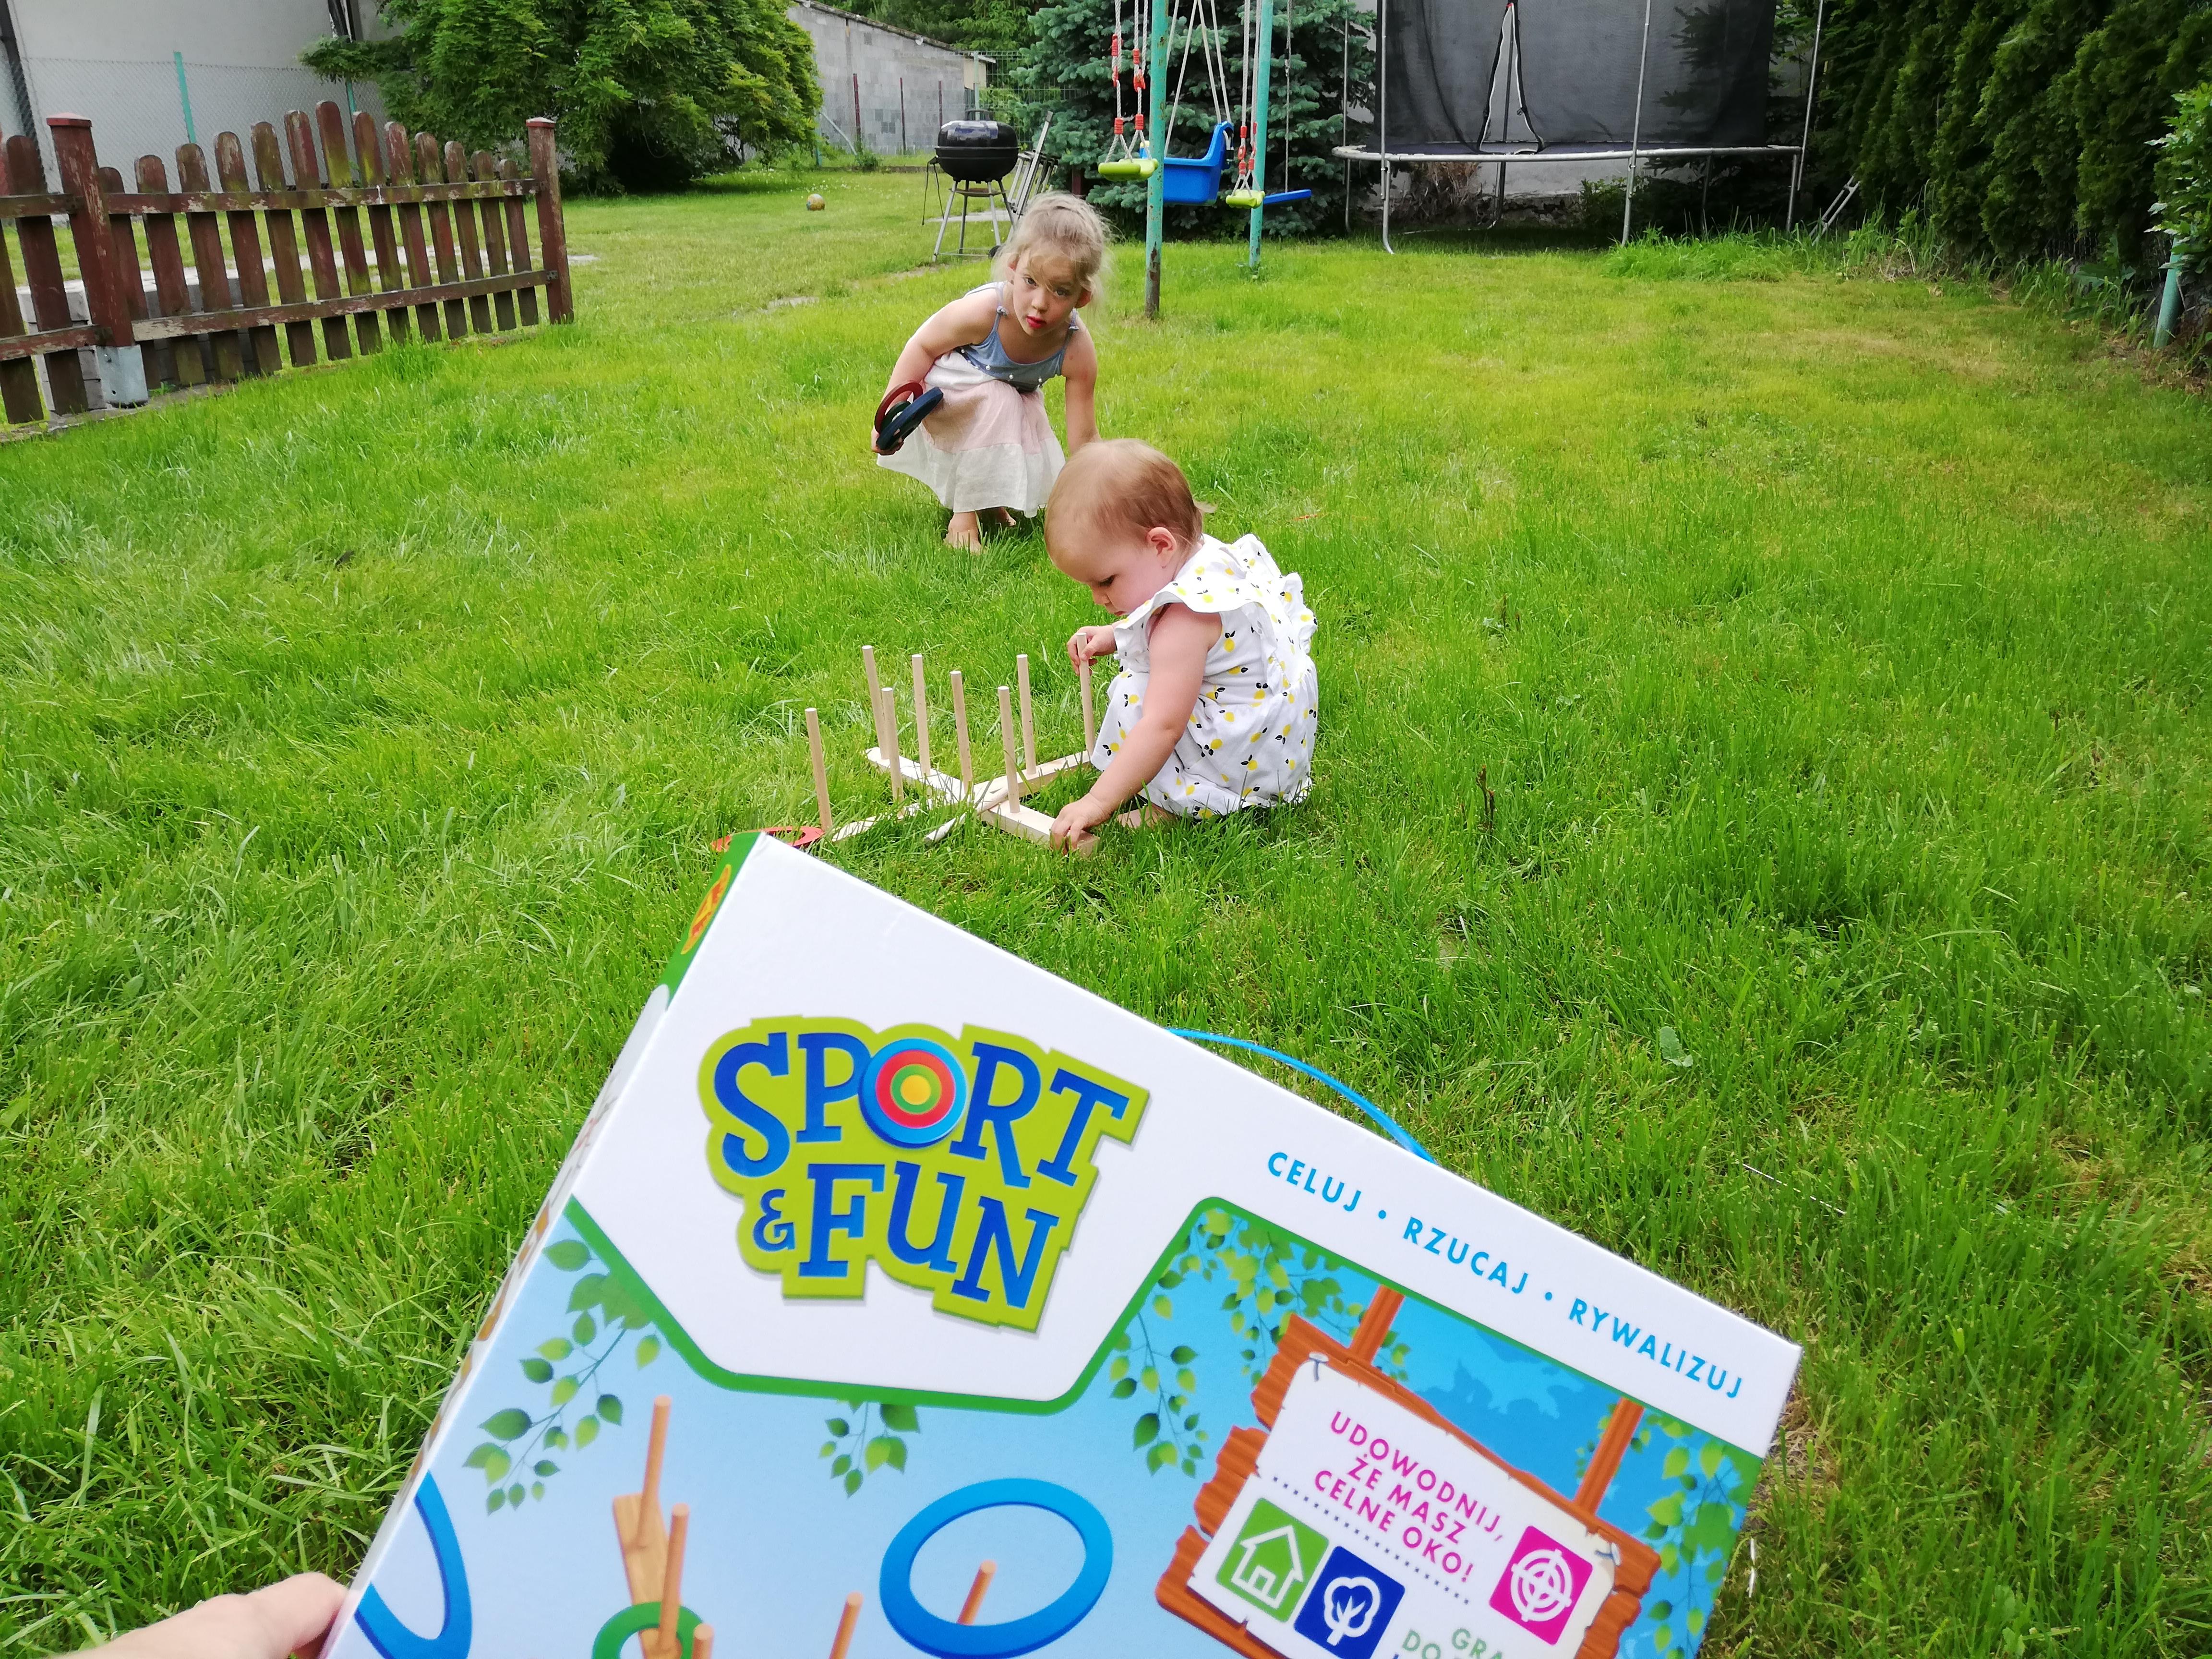 Sport&fun